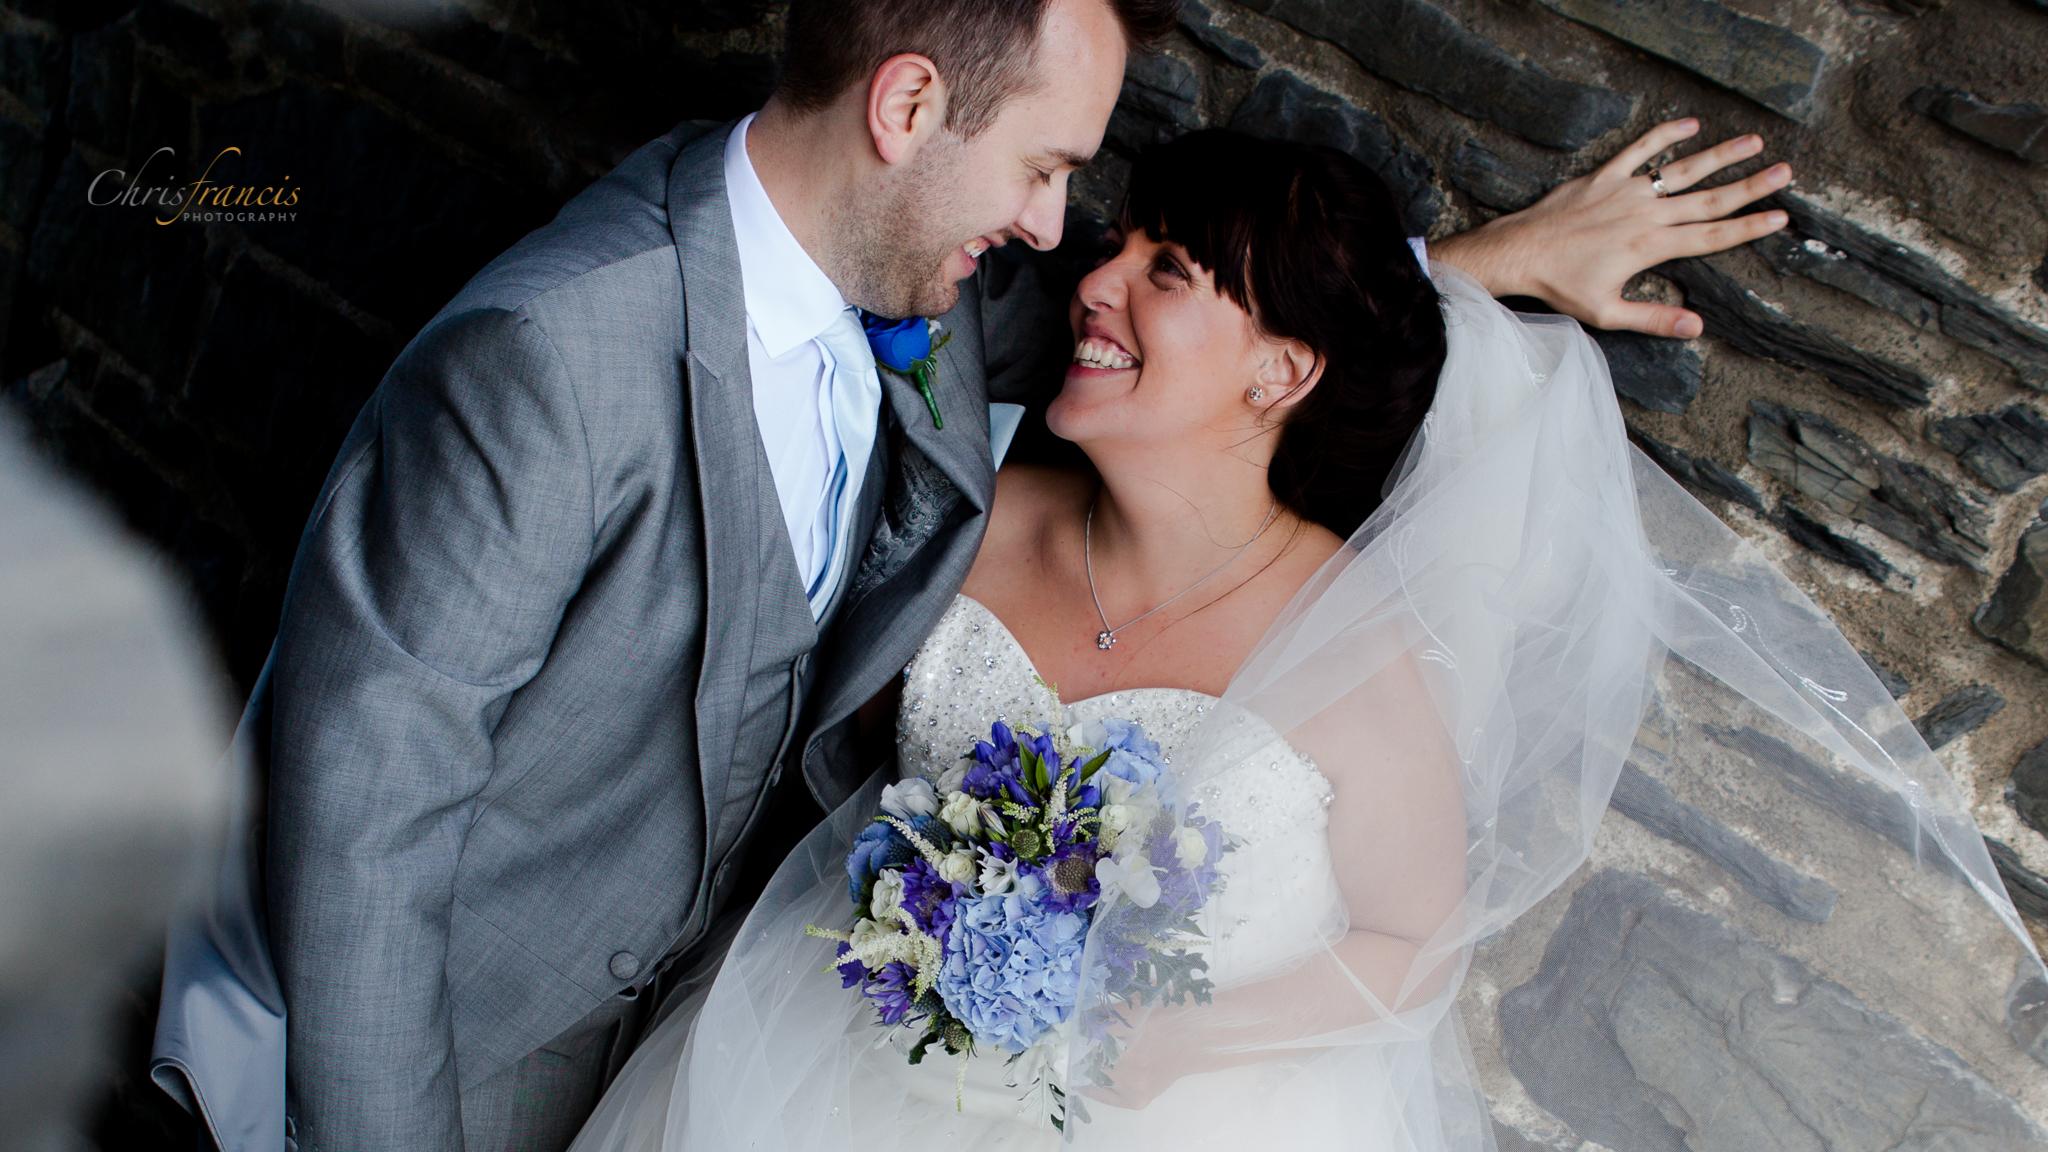 Blue-bridal-bouquets-Aberystwyth-wedding-photography-8323